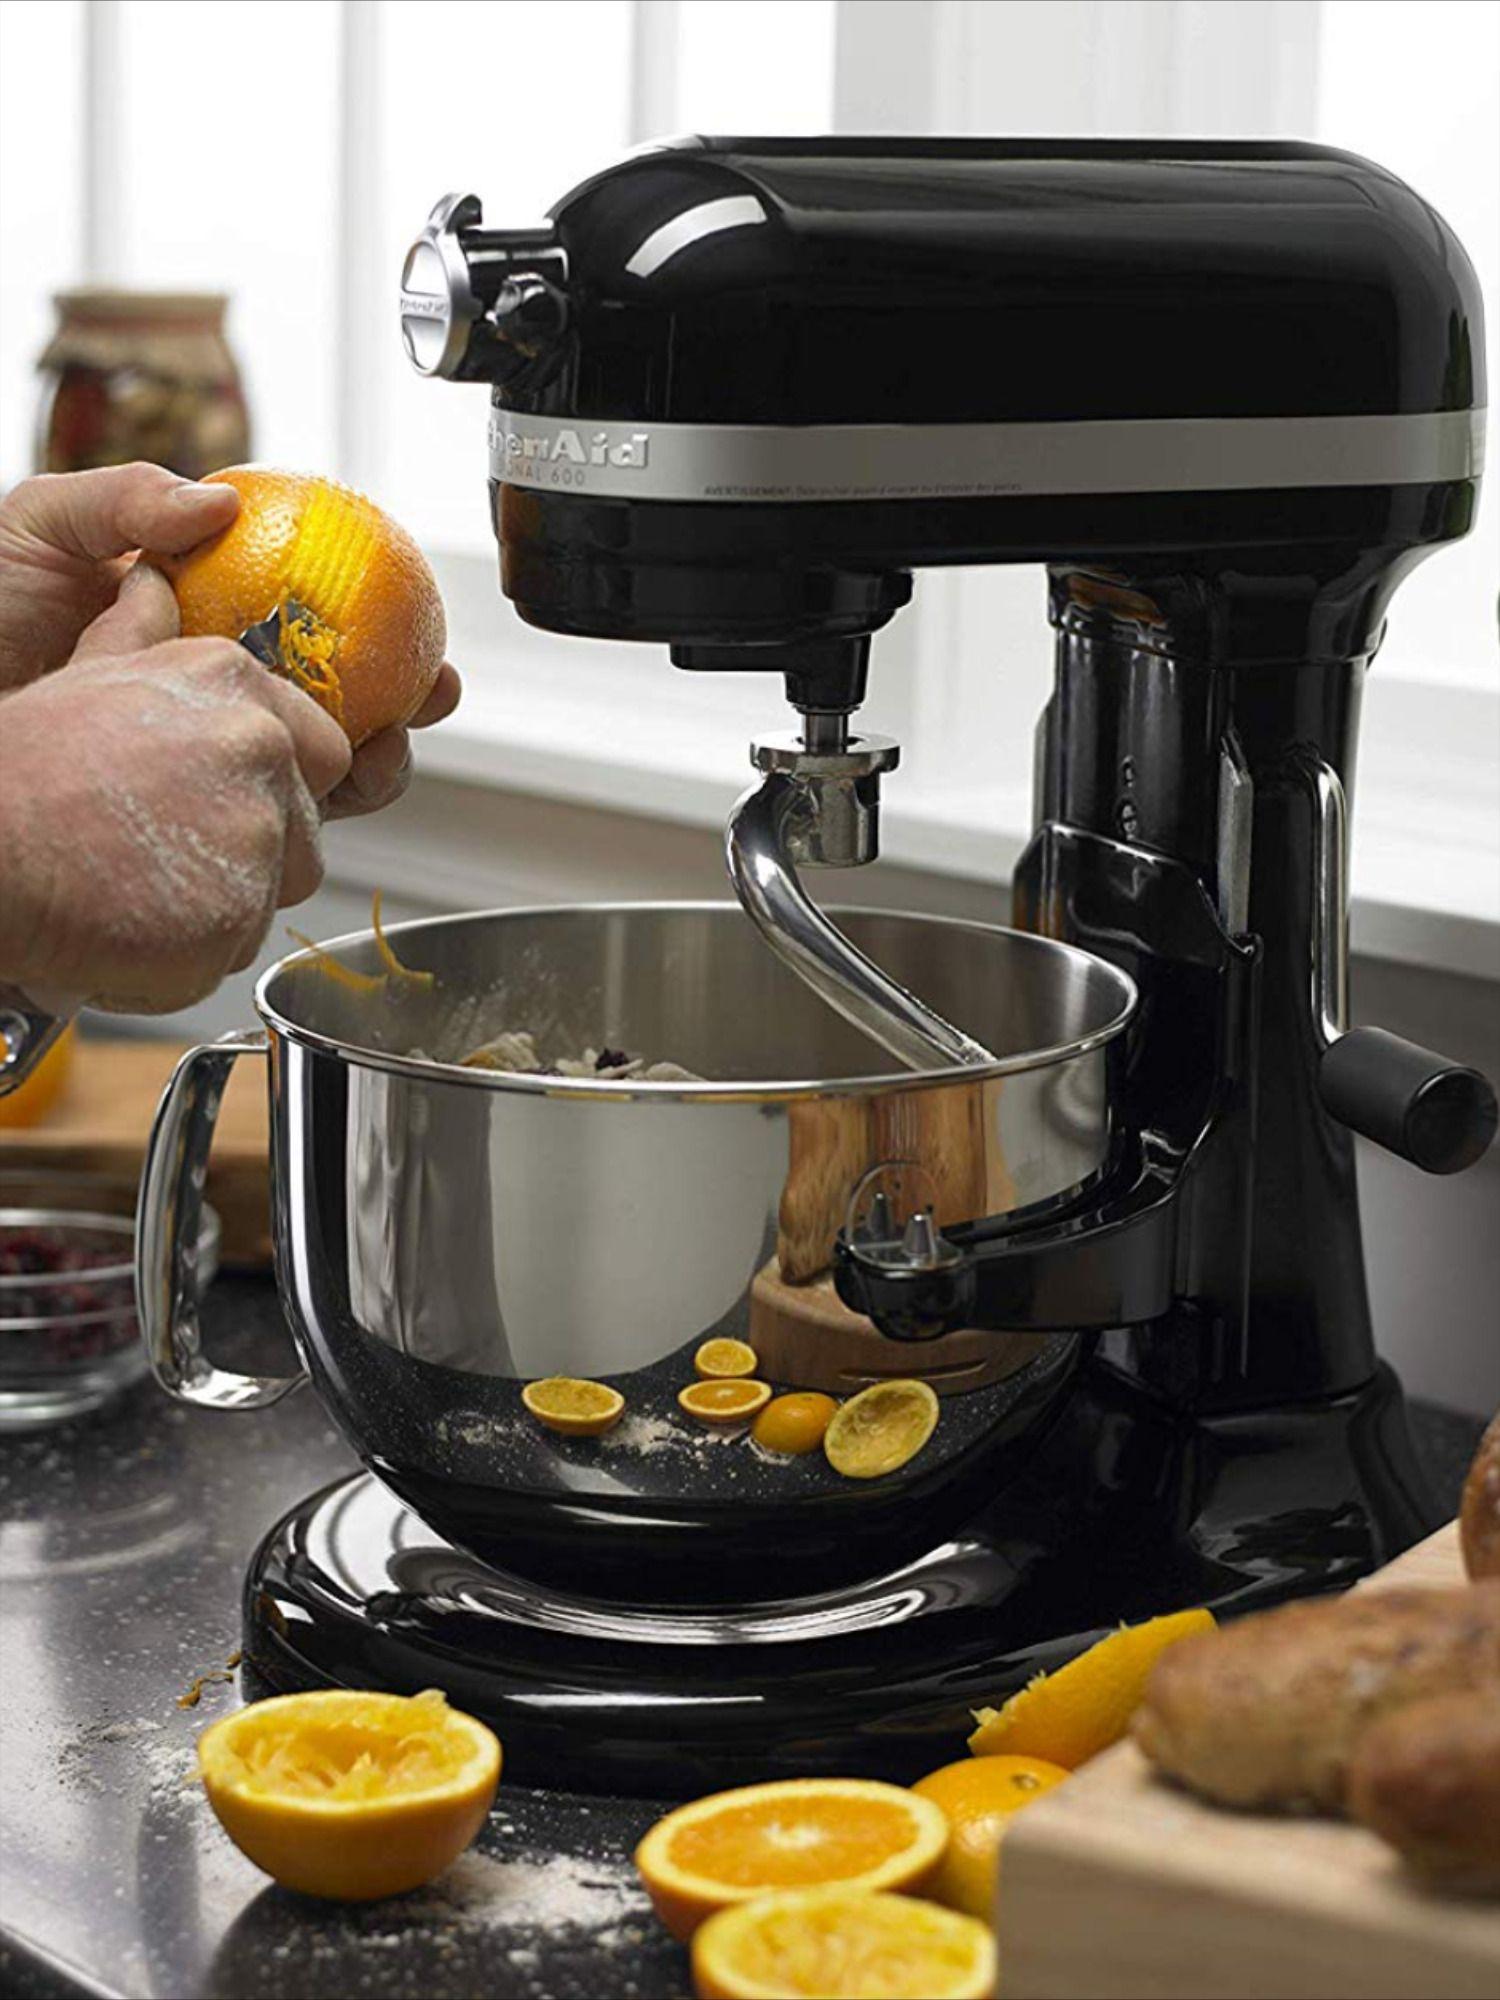 Kitchenaid 6 qt professional stand mixer onyx black